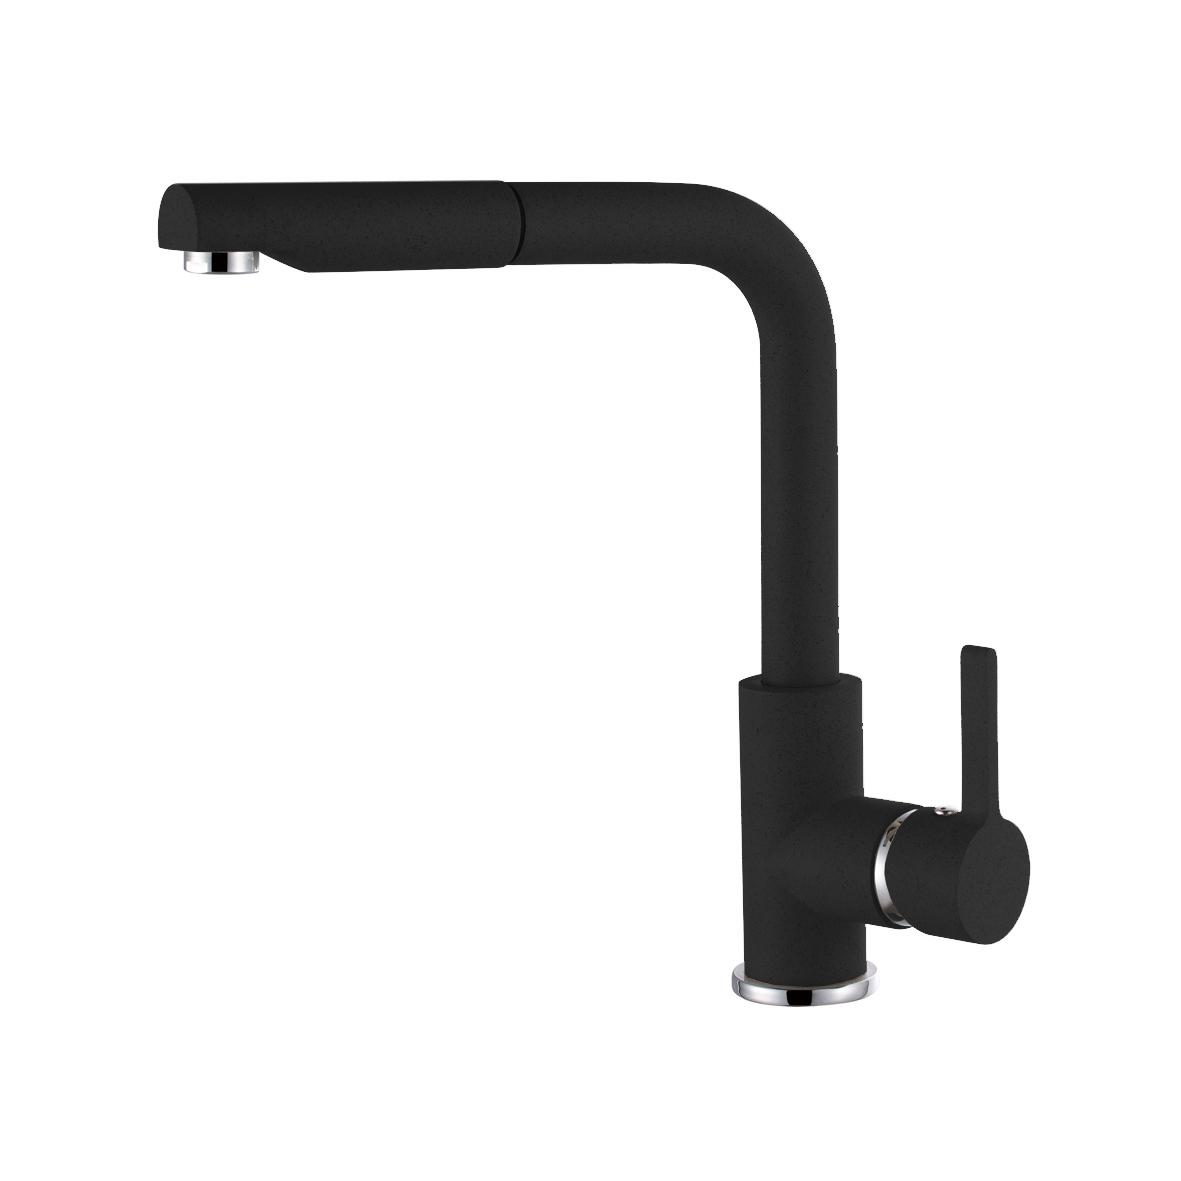 Elleci C02 Full Black egykaros csaptelep forgatható kifolyócsővel, kihúzható zuhanyfejjel